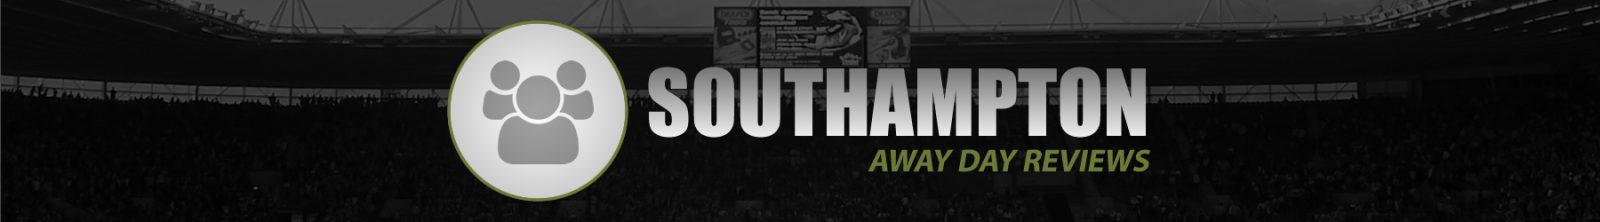 Review Southampton